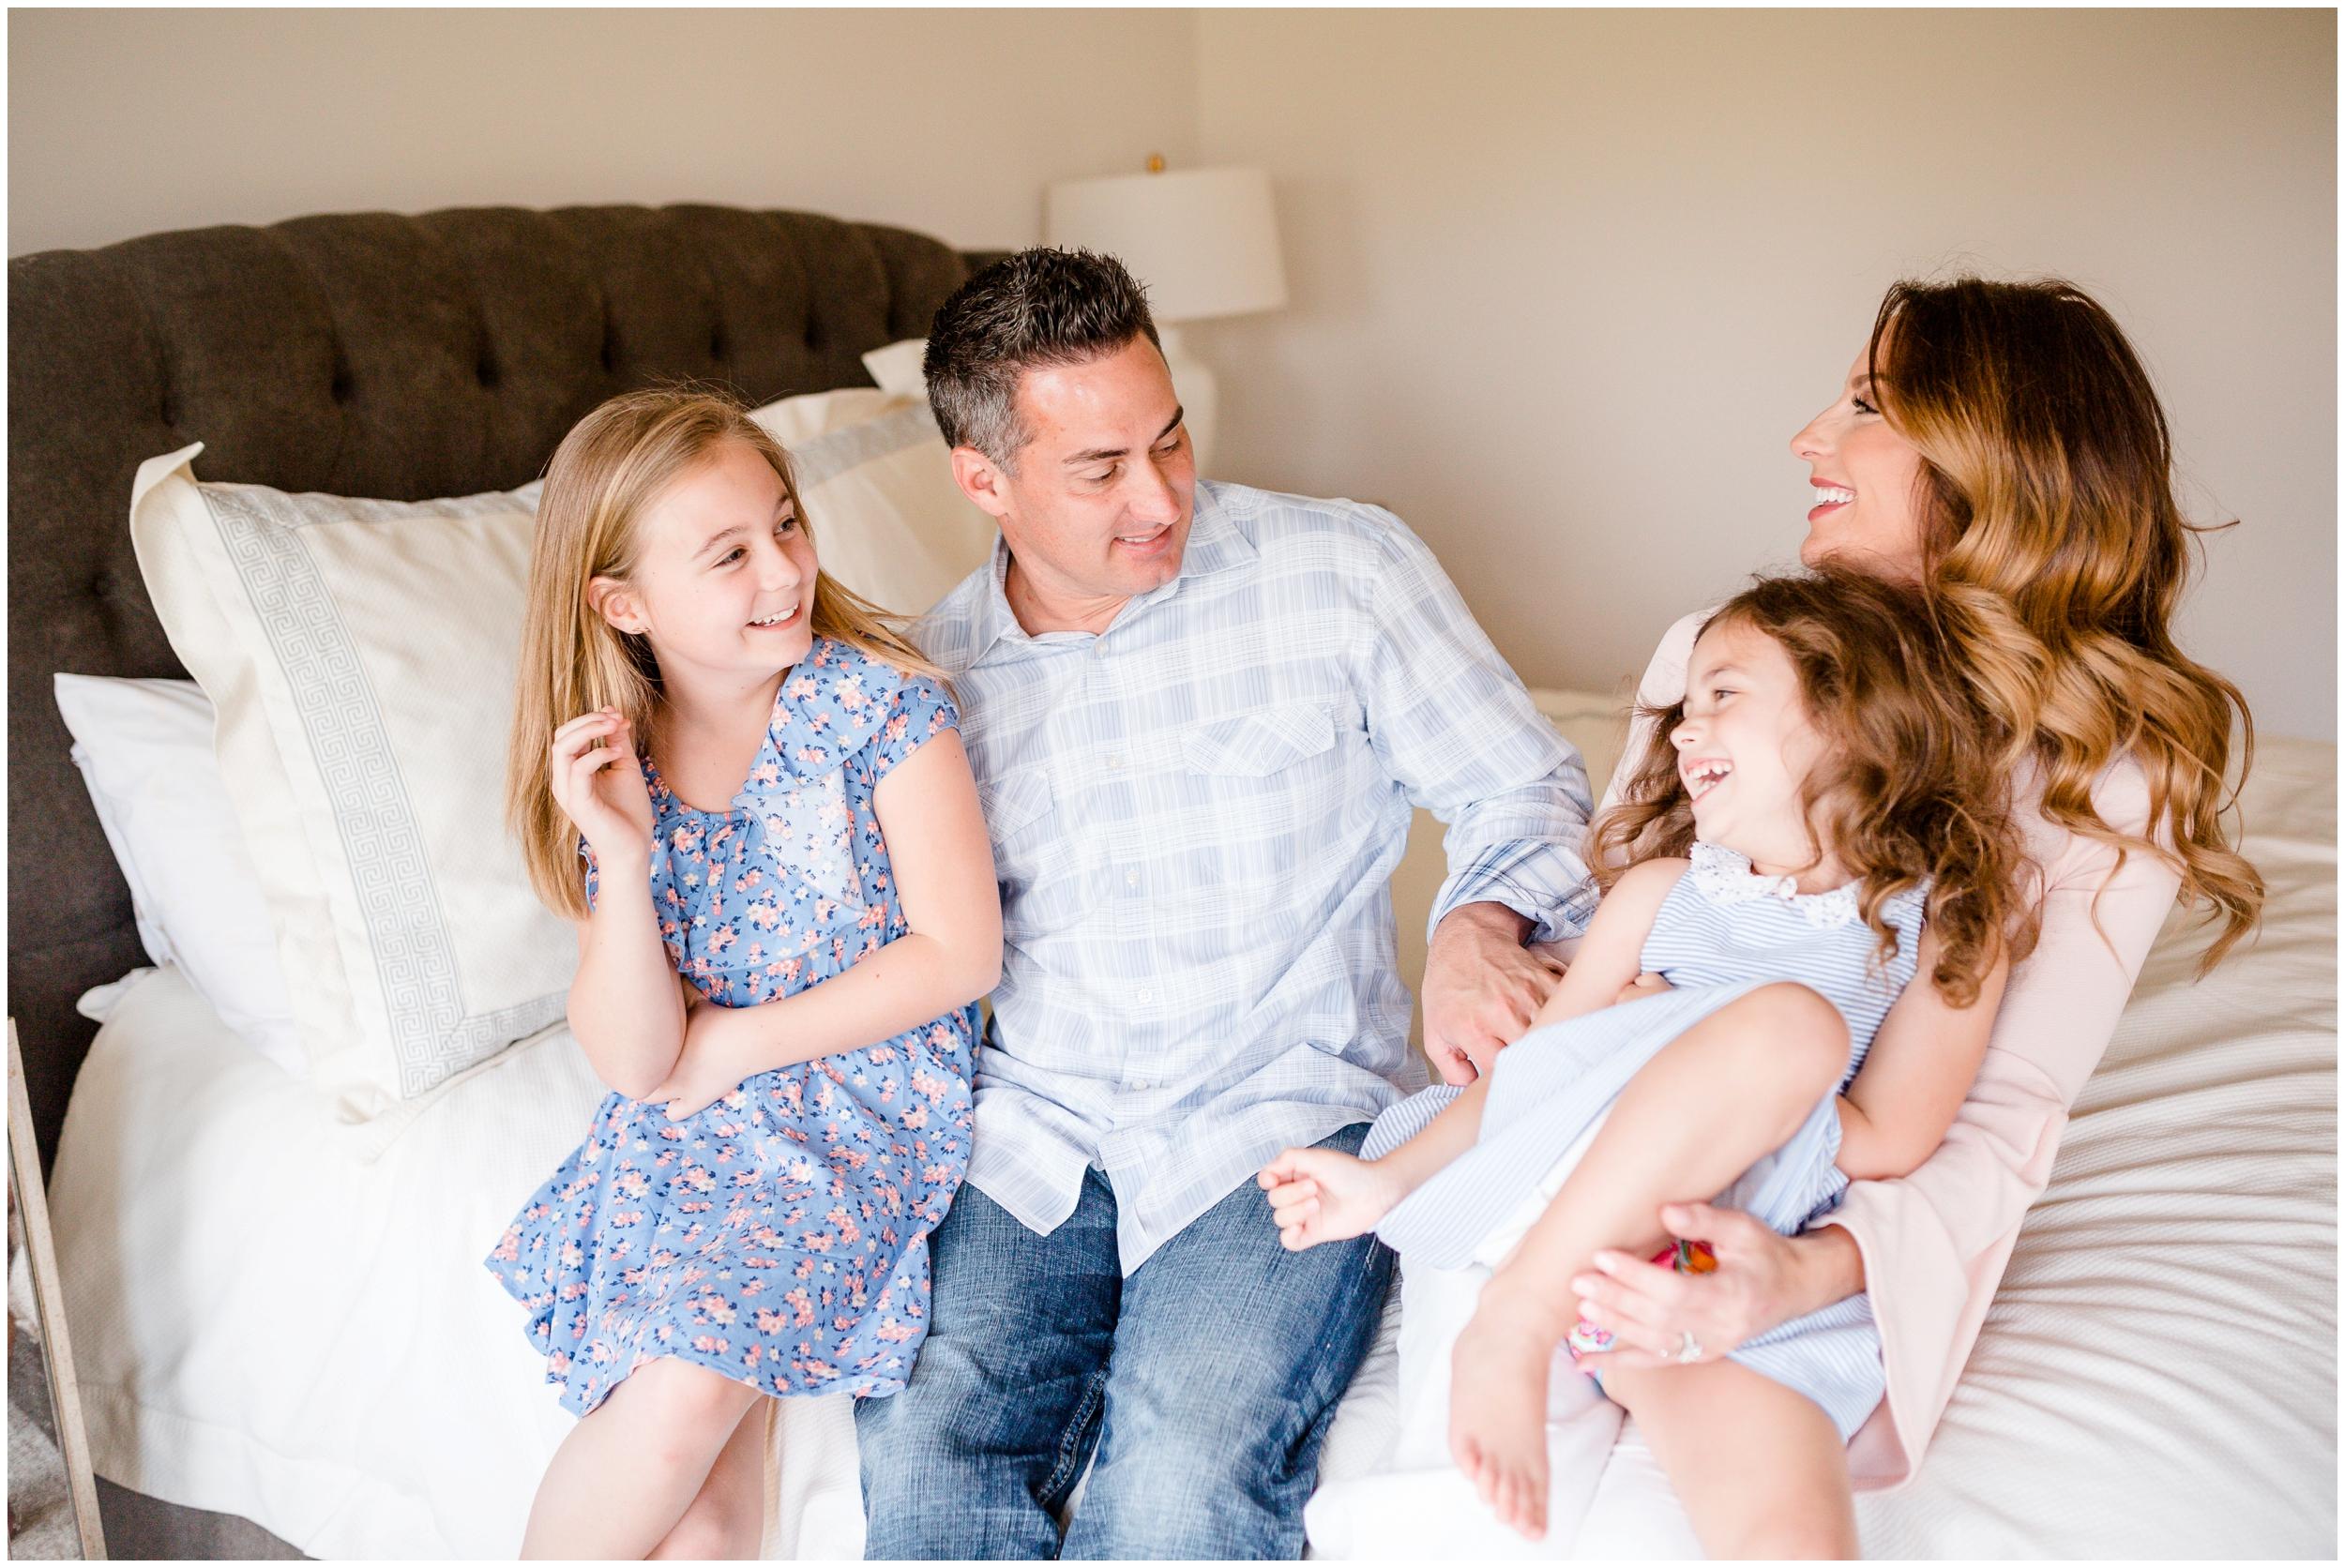 lexington-ky-family-lifestyle-photography-Priscilla-Baierlein-Photography_0250.jpg